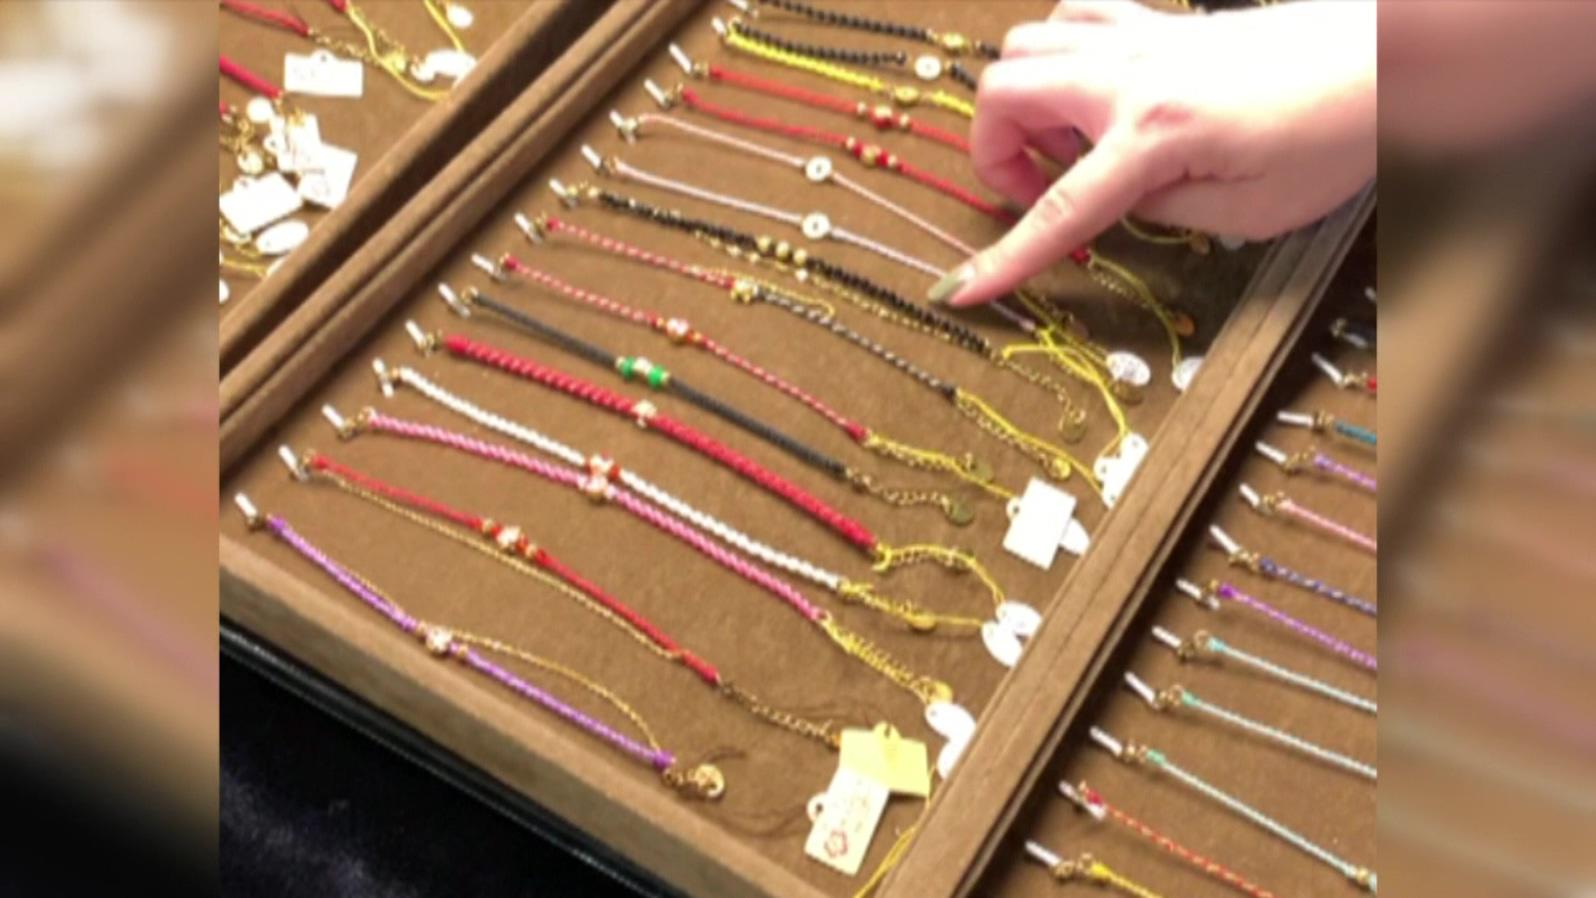 夜市擺攤賣「999純金」飾品? 業者否認造假:不滿意可退 - Yahoo